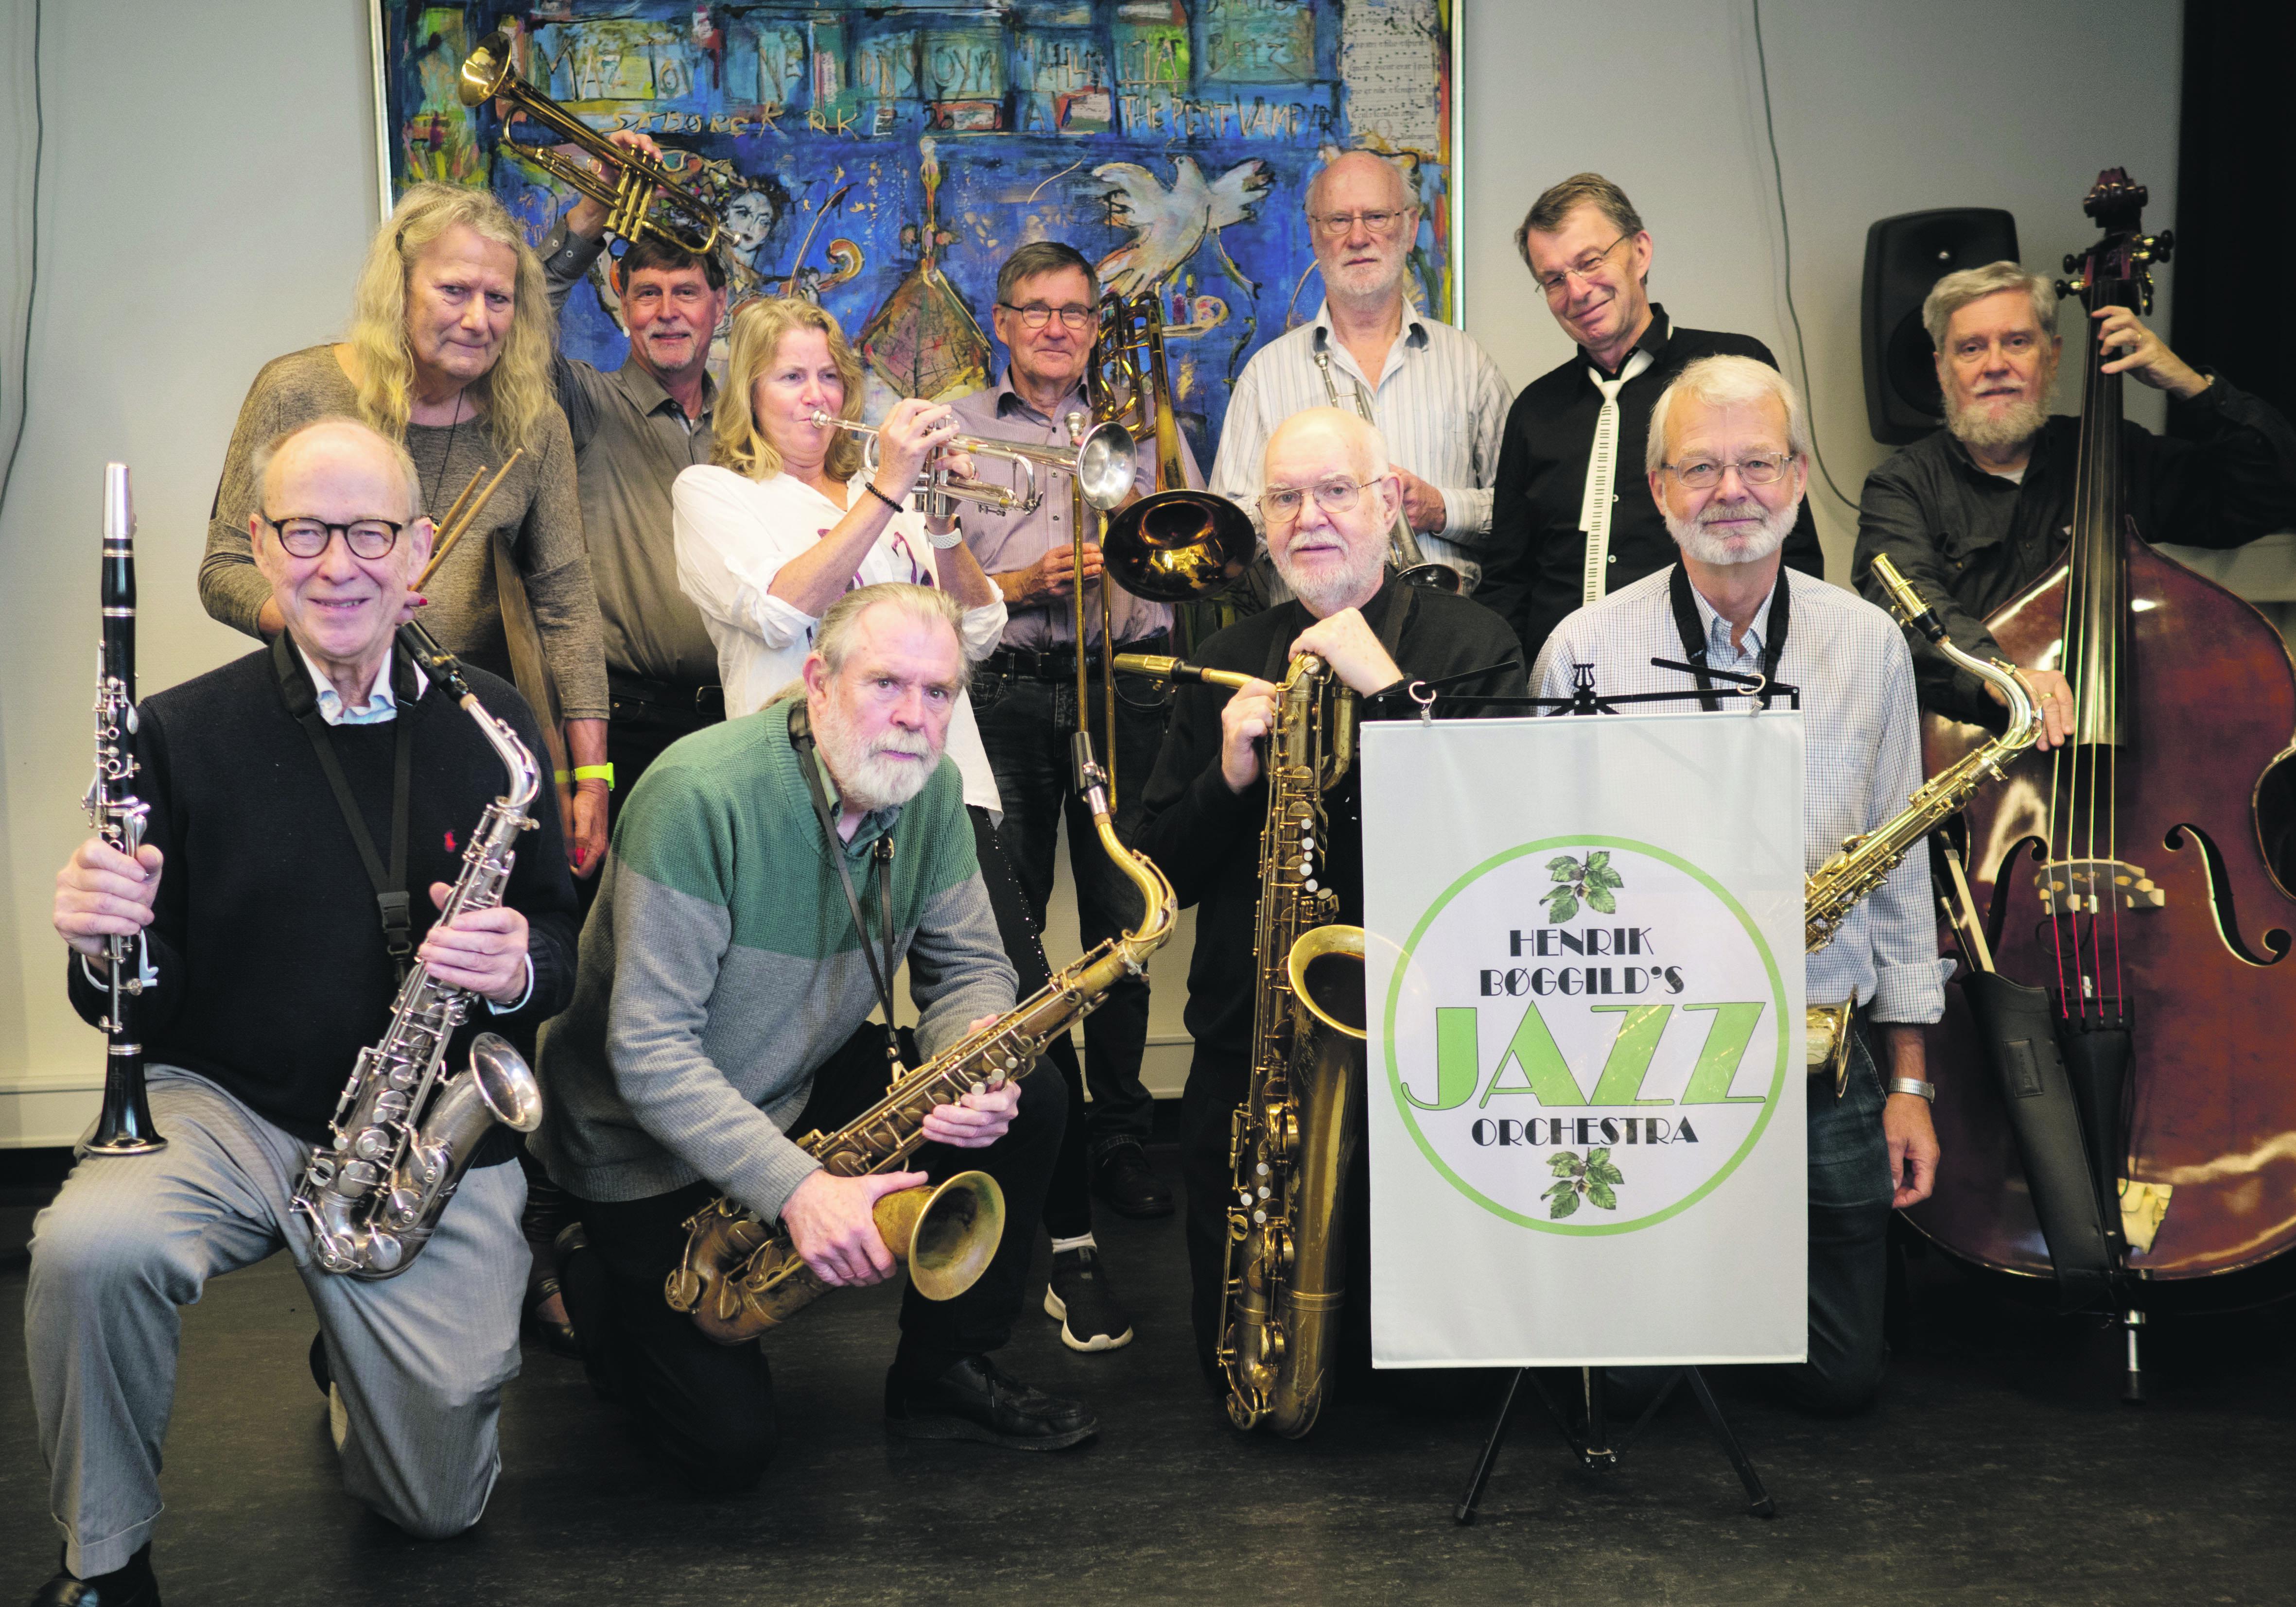 Henrik Bøggilds Jazz Orchestra